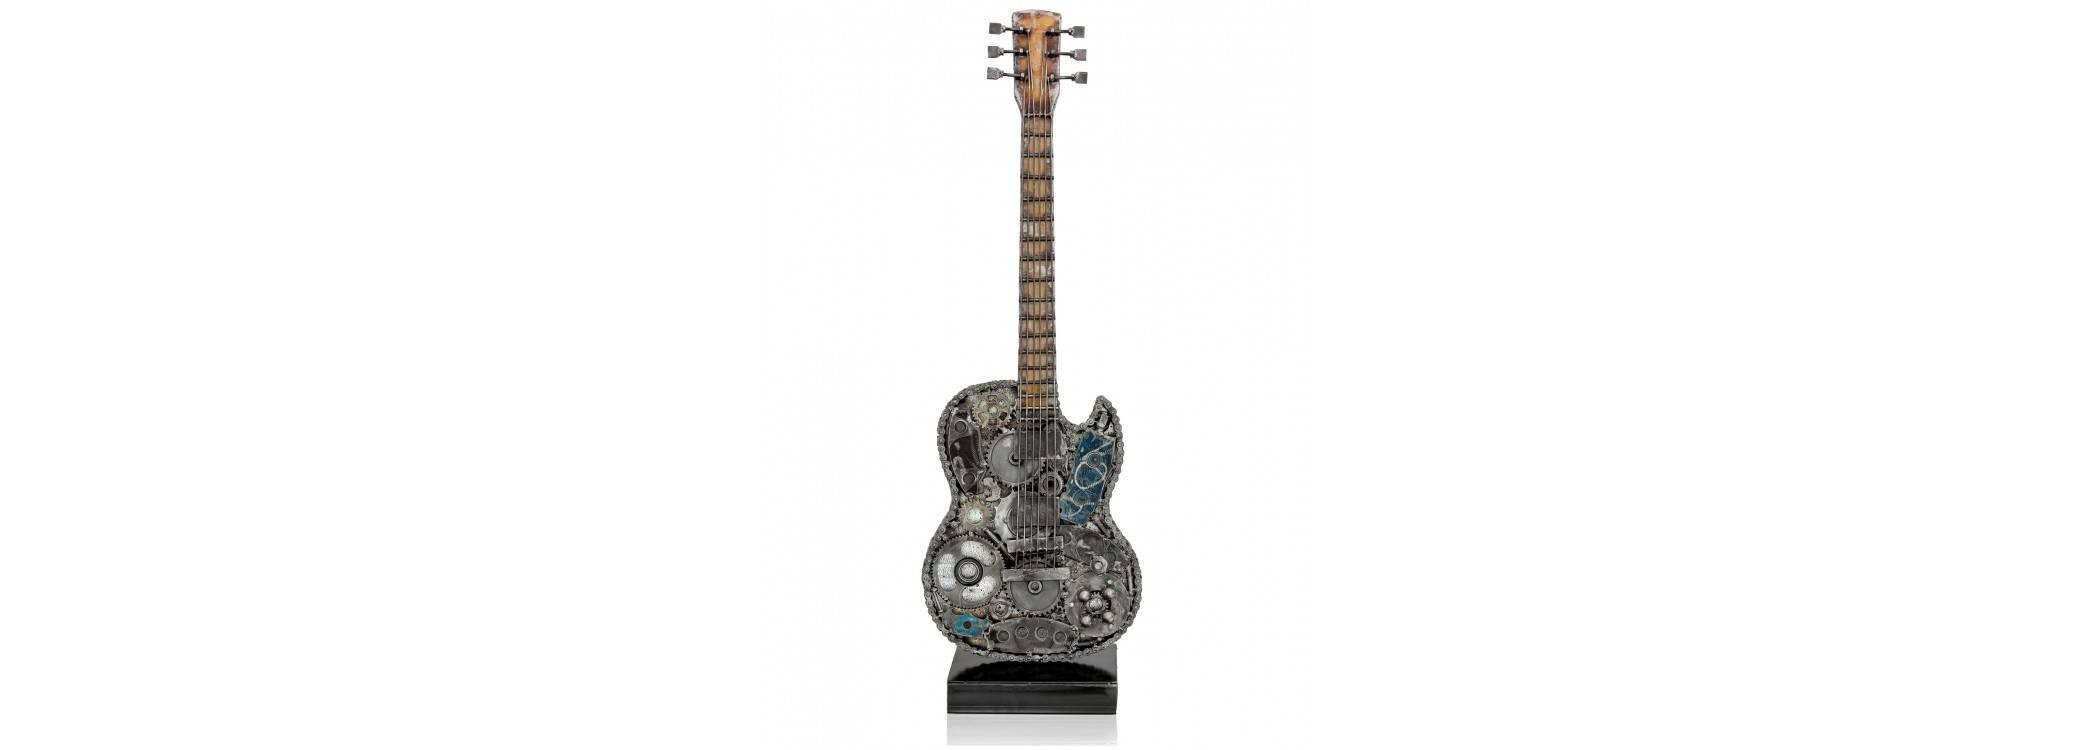 Sculpture de guitare éléctrique en métal récupéré